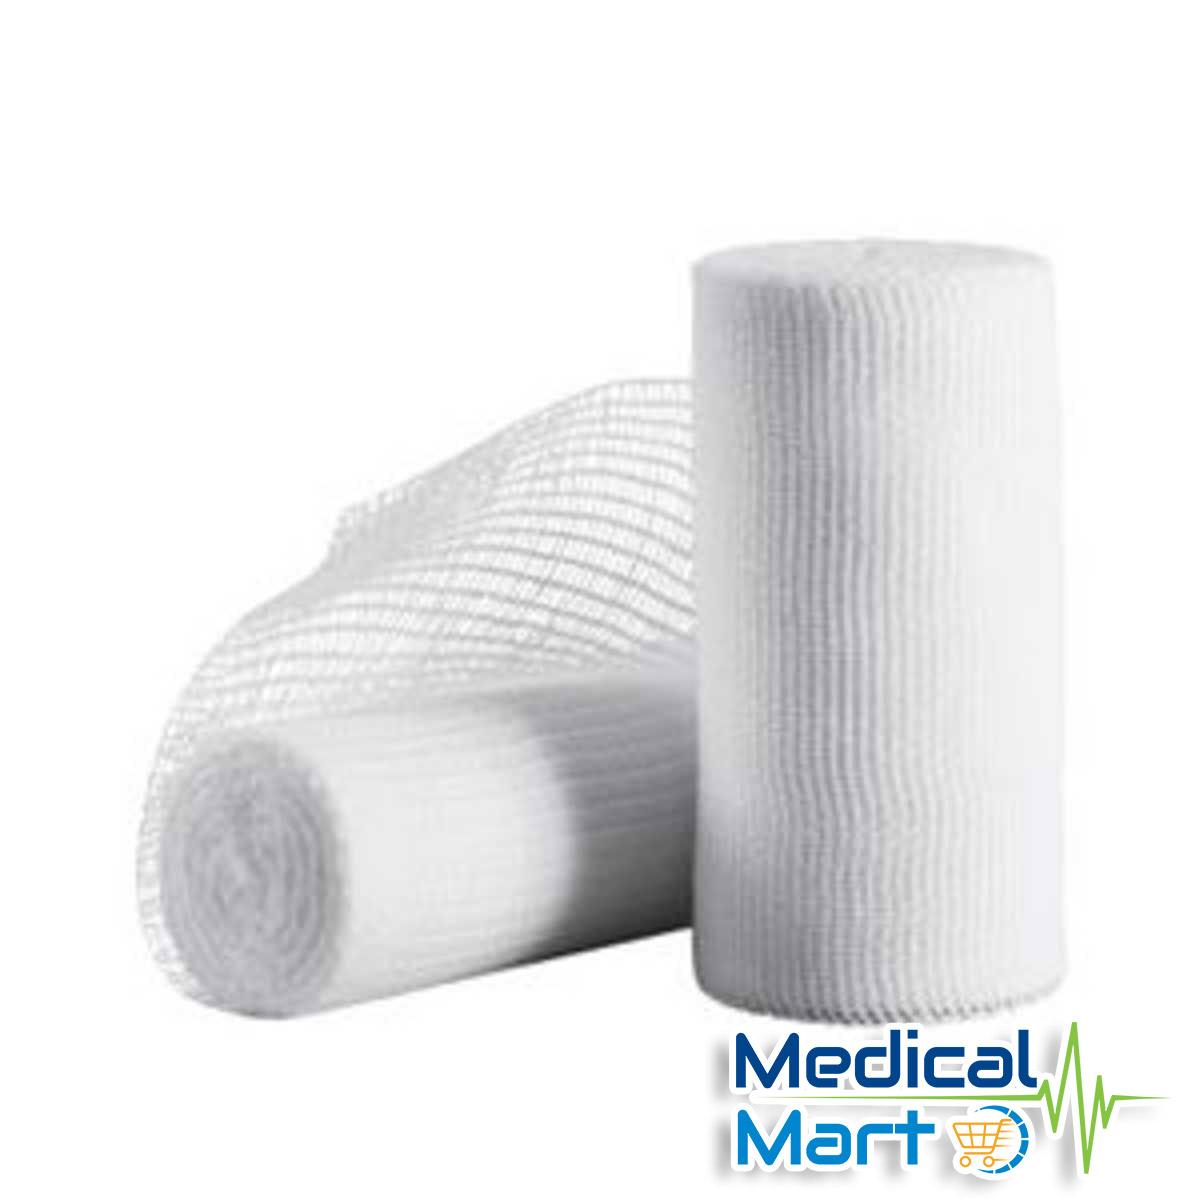 Gauze Bandage 3 Inch